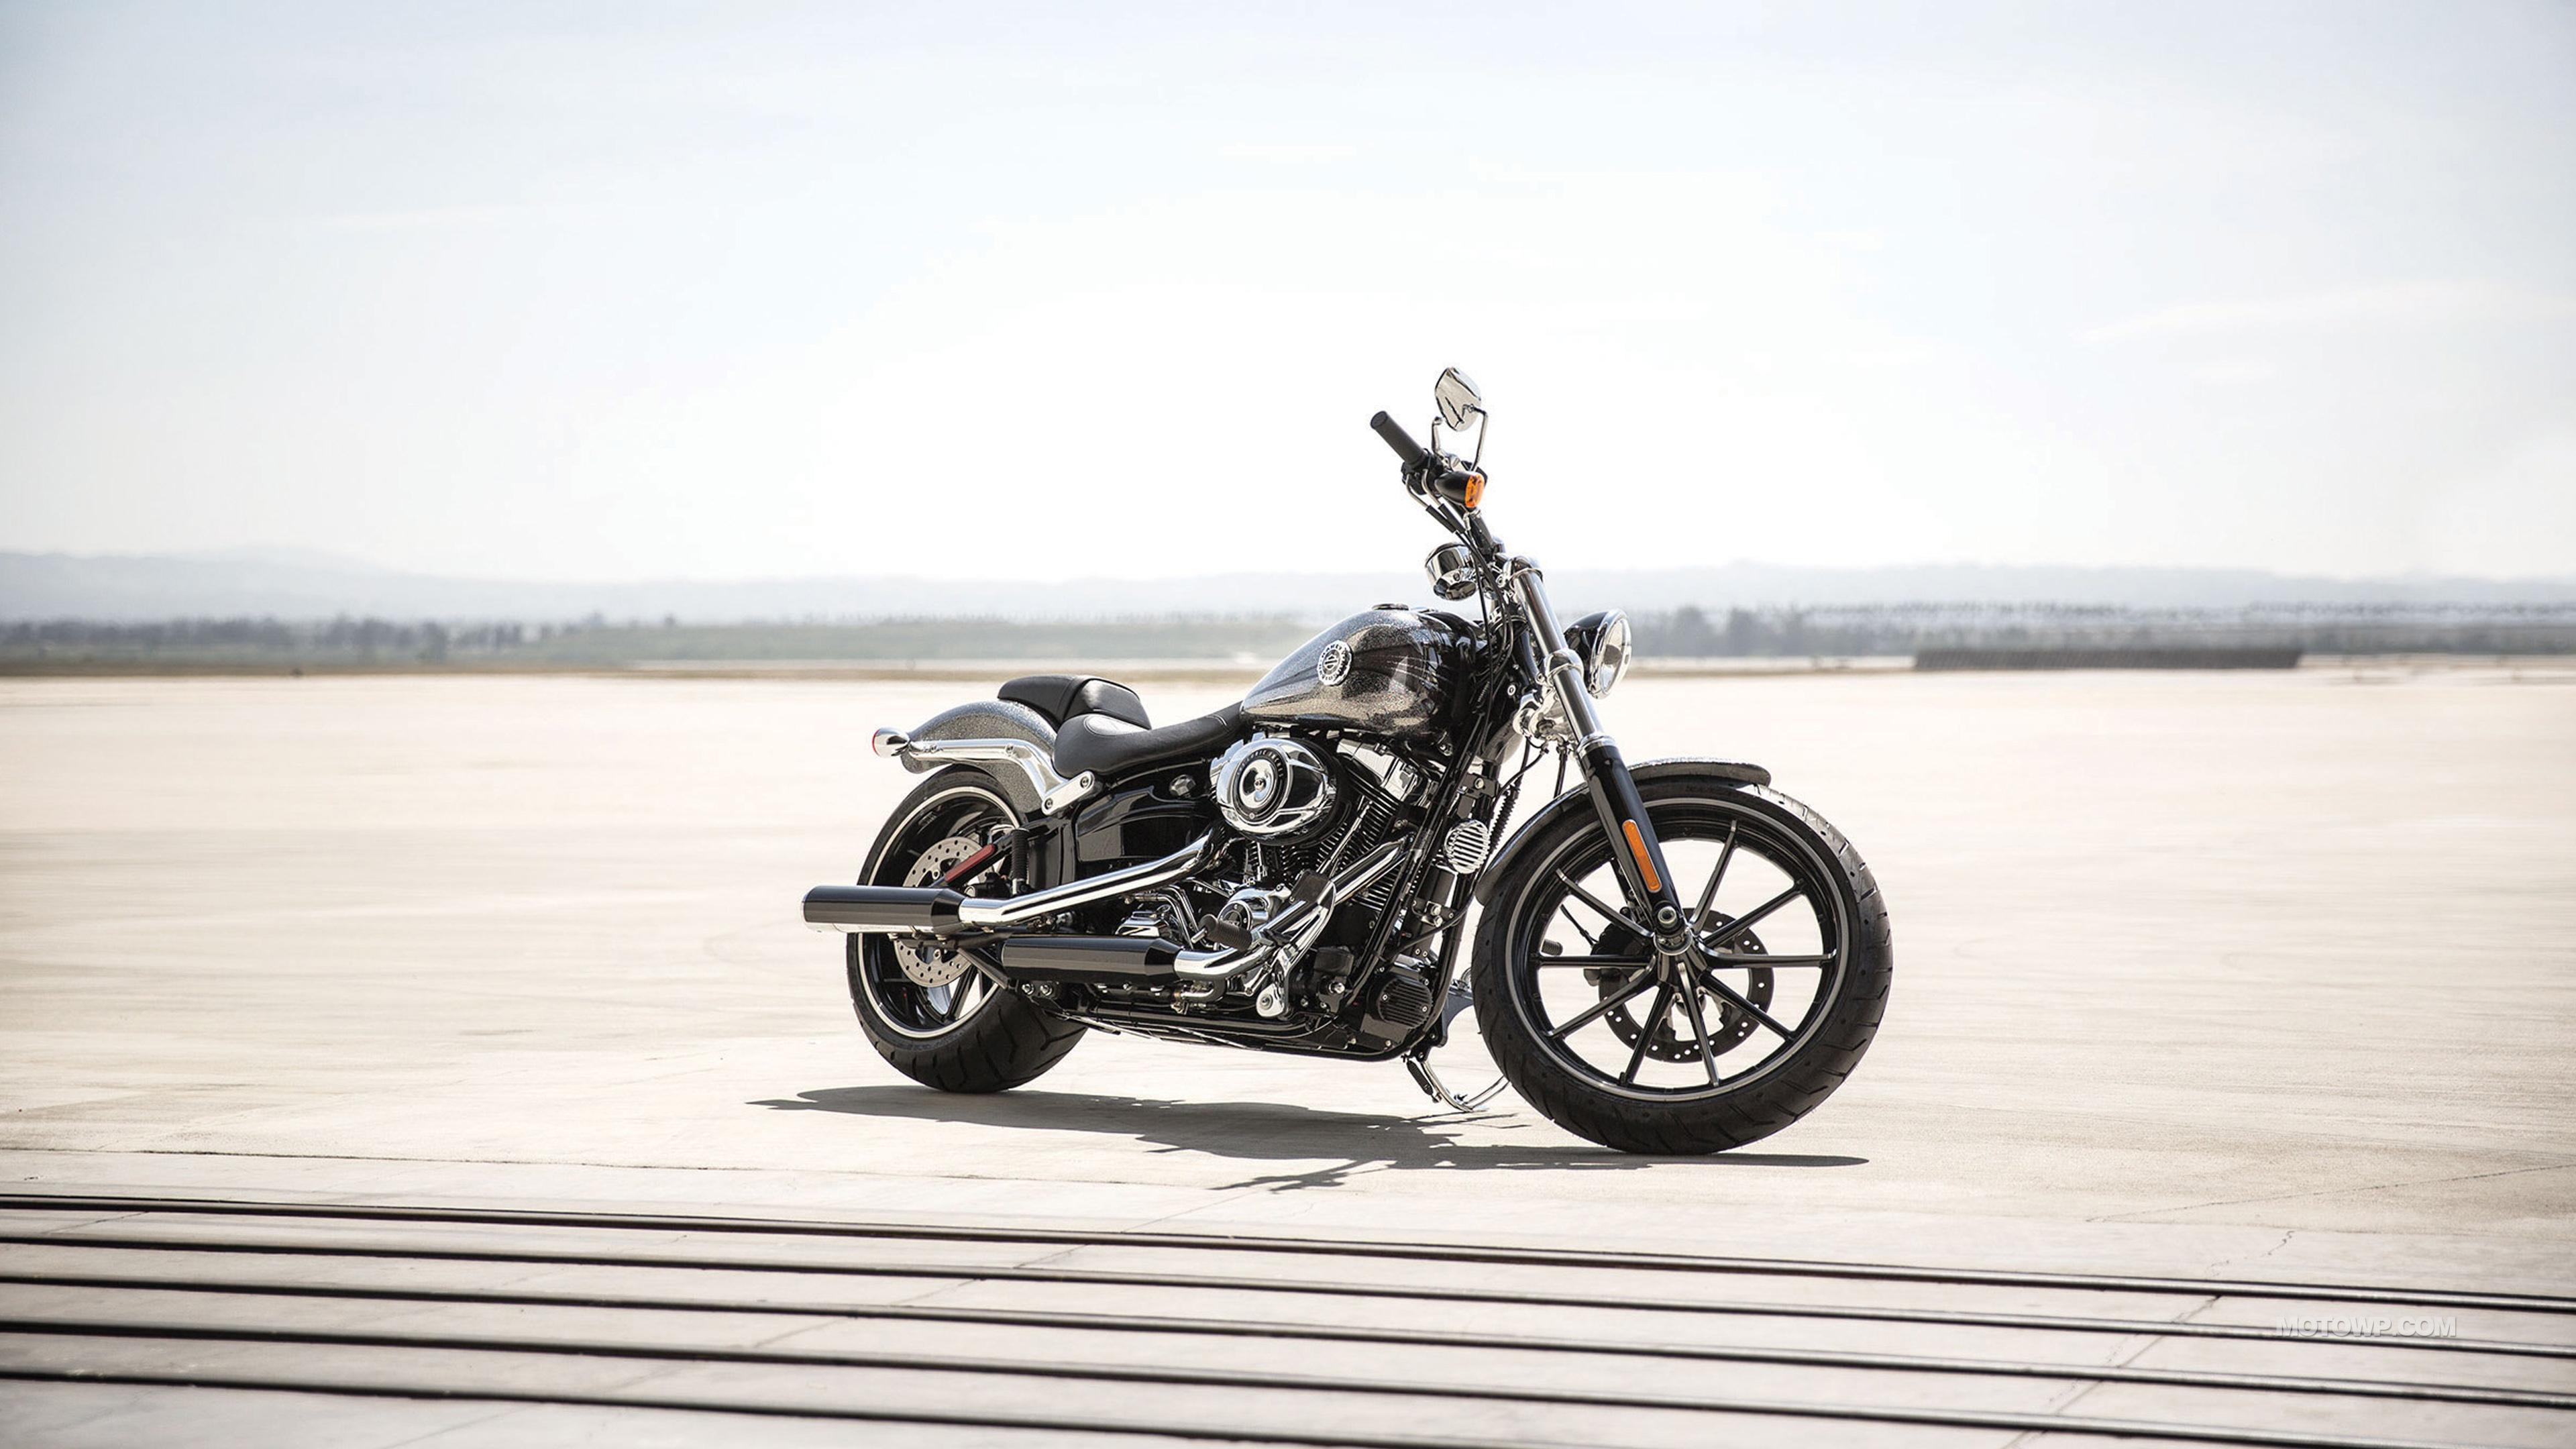 Harley Davidson Motorcycle Wallpaper - WallpaperSafari